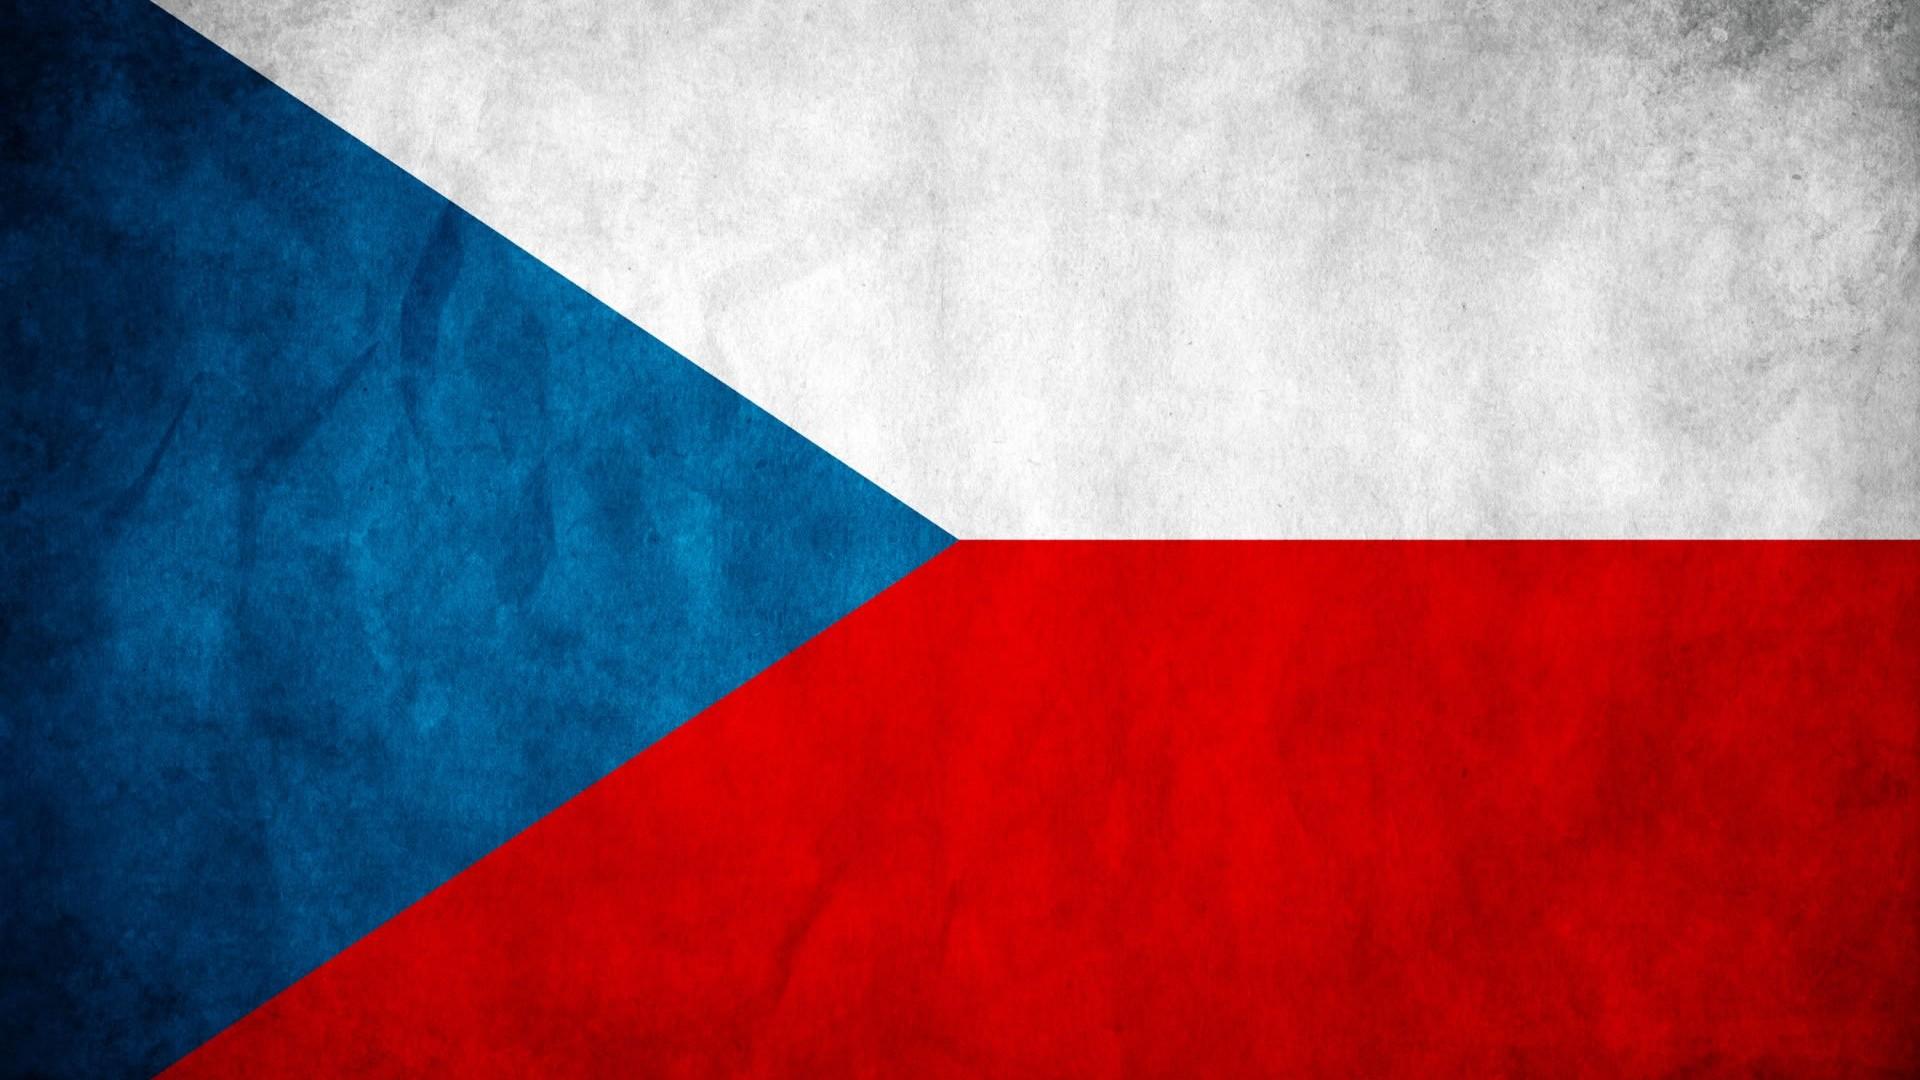 σπουδές εξωτερικό, ιατρική σλοβακία, ιατρική στο εξωτερικό